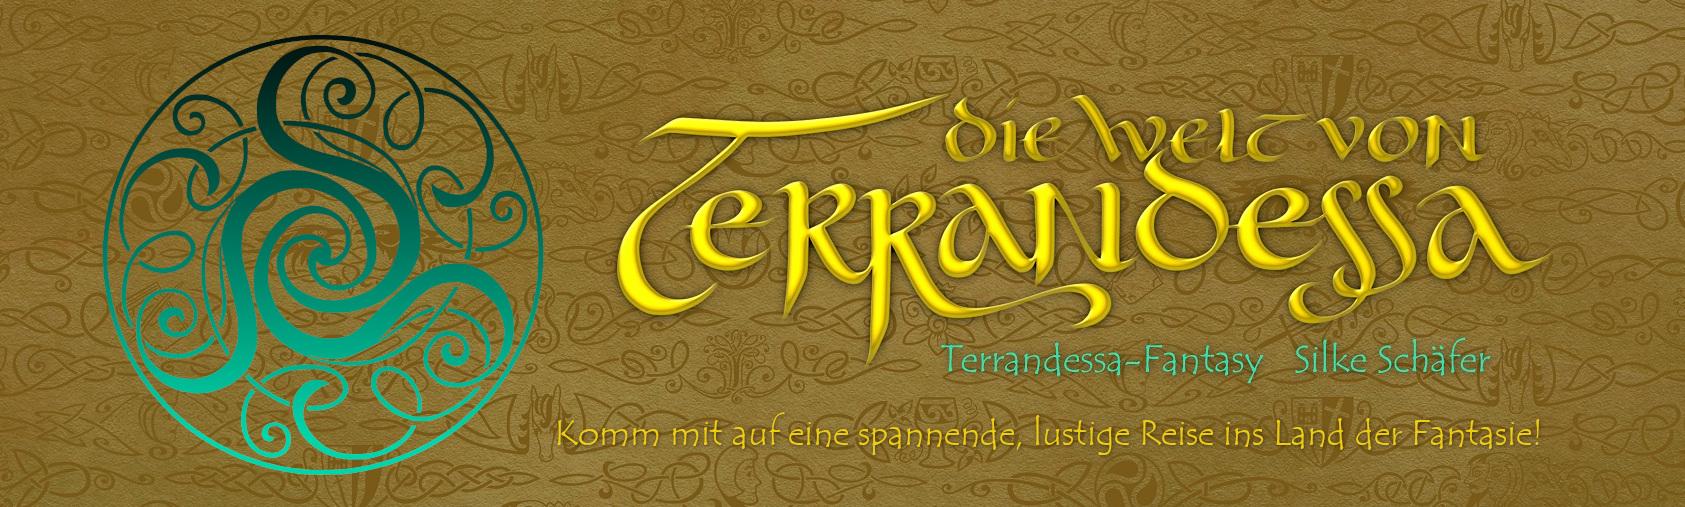 Banner Terrandessa-Fantasy